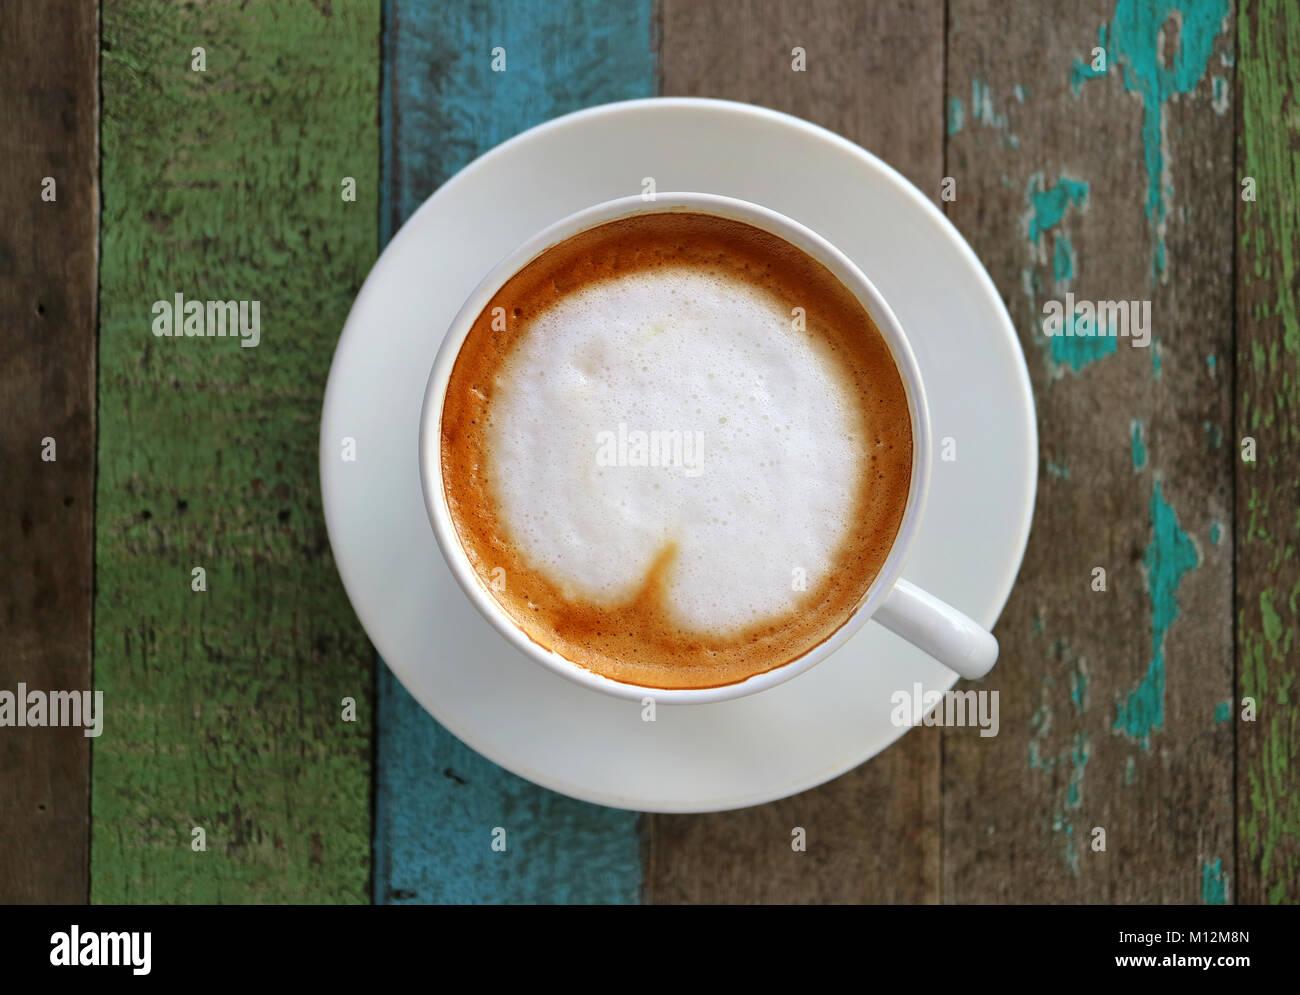 Caffè caldo con a forma di cuore ad Latte Art in una tazza bianca su colorato stile rustico tavolo in legno,vista Immagini Stock